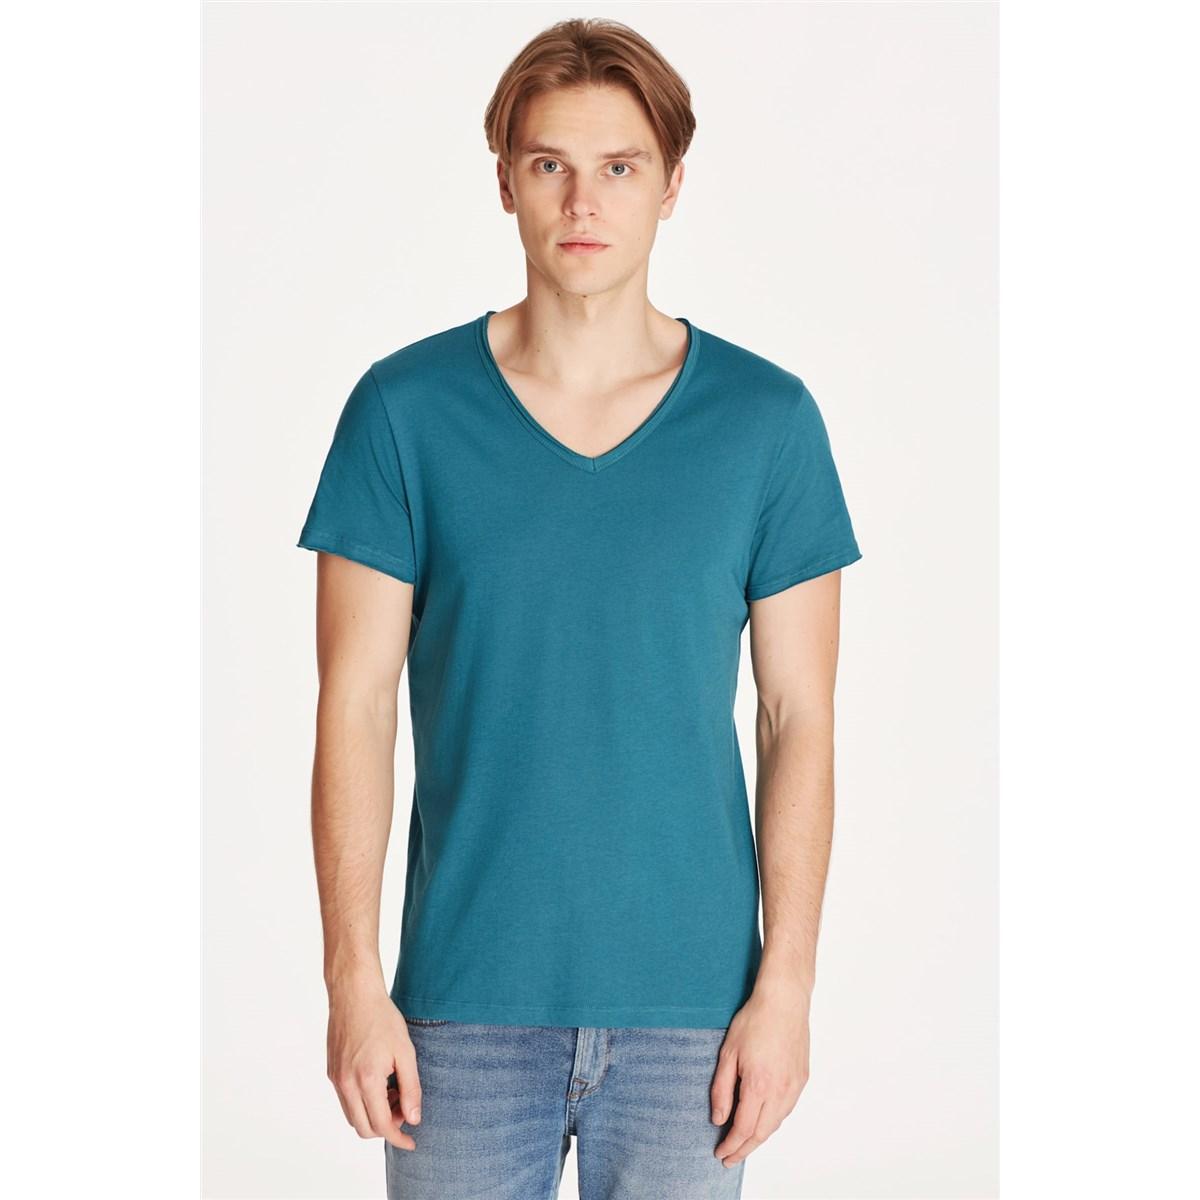 Mavi Jeans V Yaka Petrol Yeşili Erkek Basic Tişört